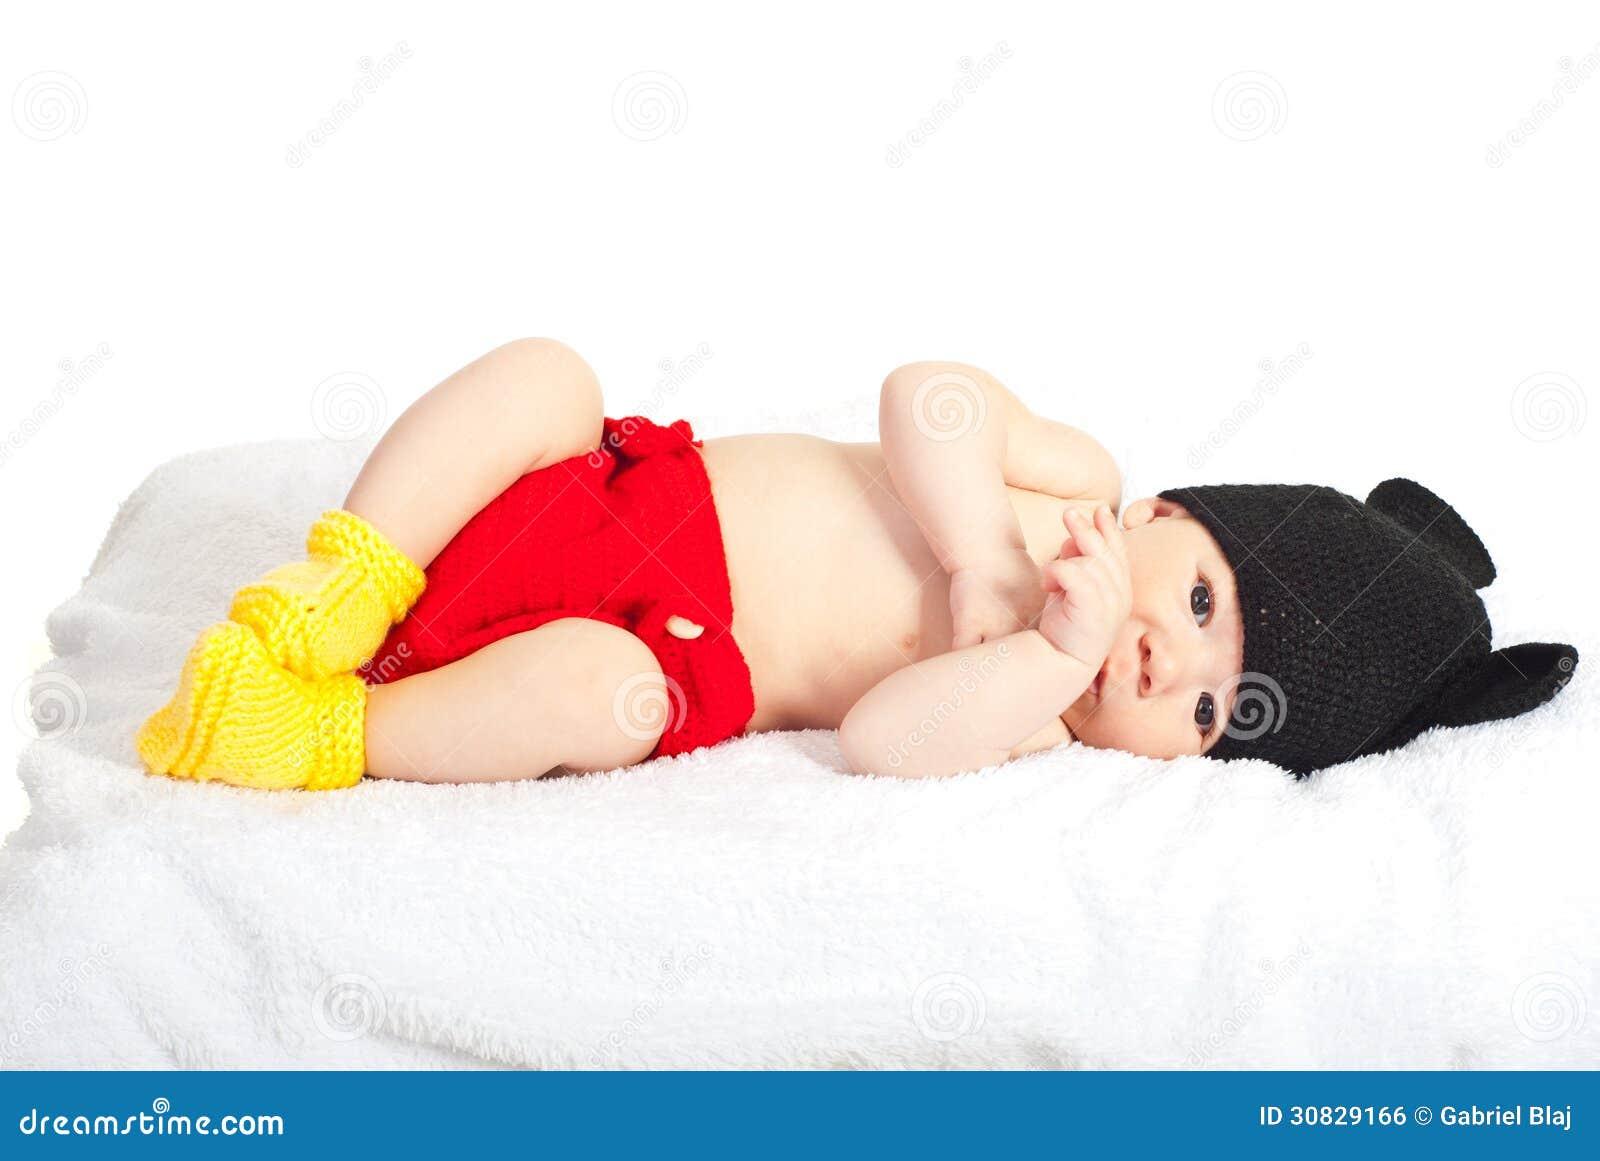 Beau bébé nouveau-né dans le costume